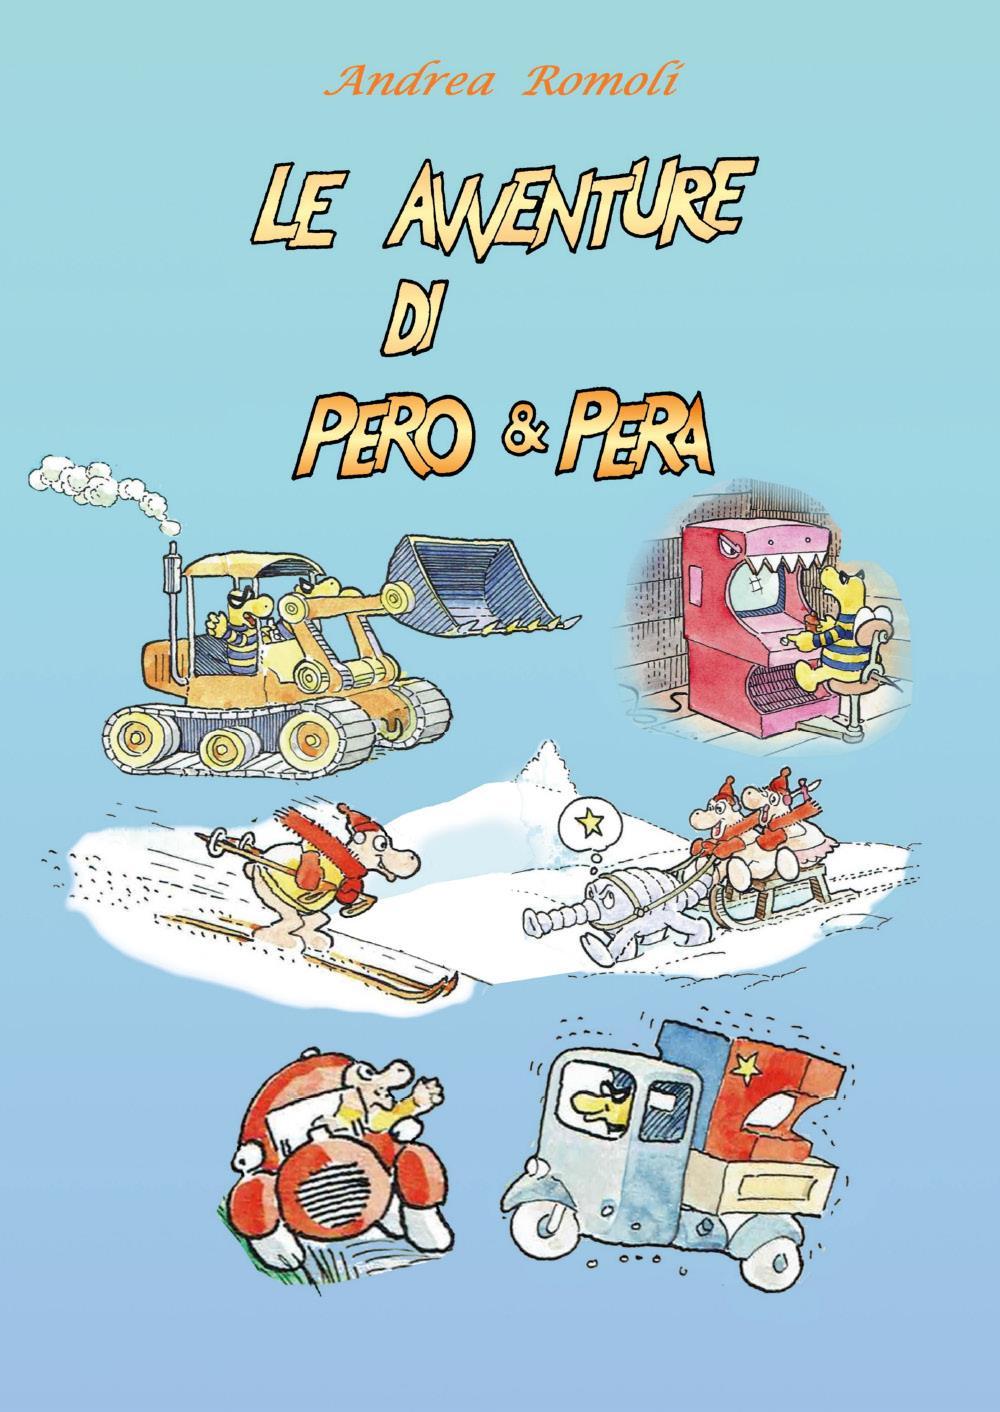 Le avventure di Pero & Pera